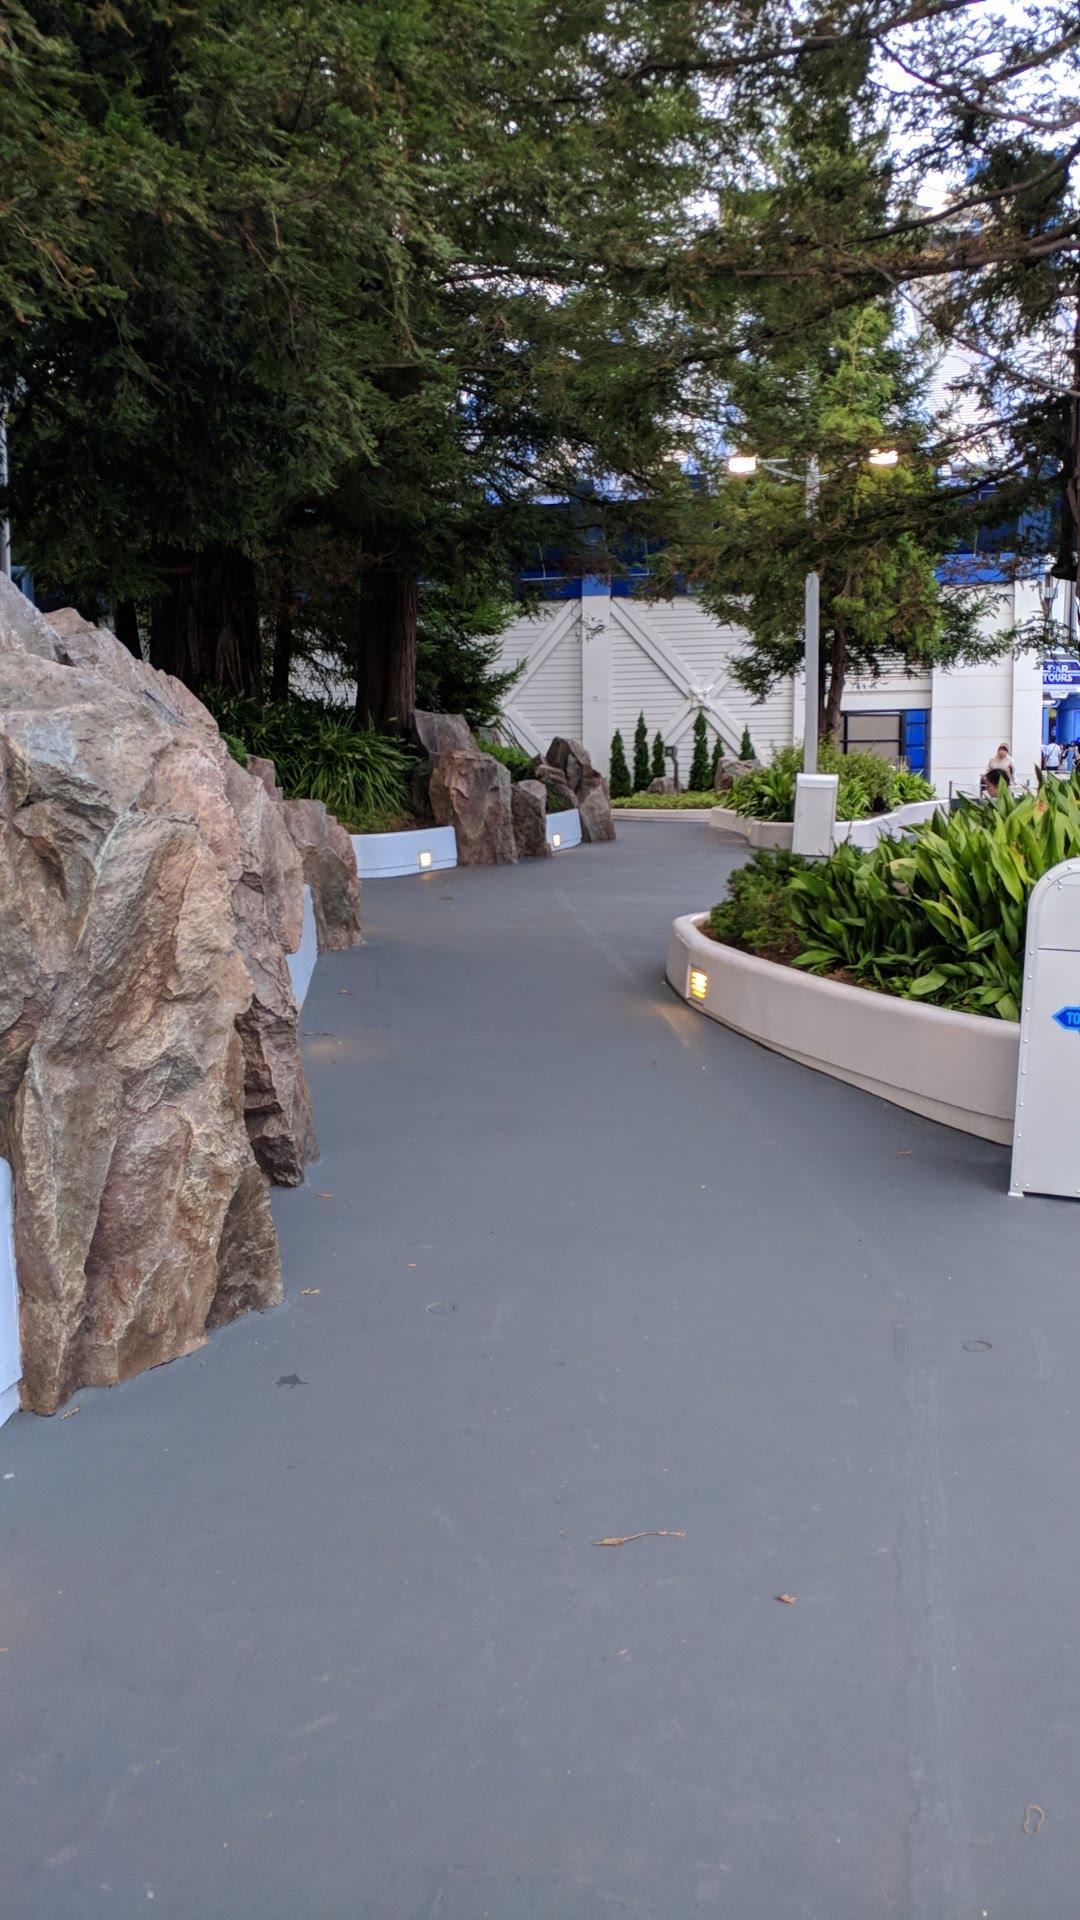 Showbase - Tokyo Disneyland